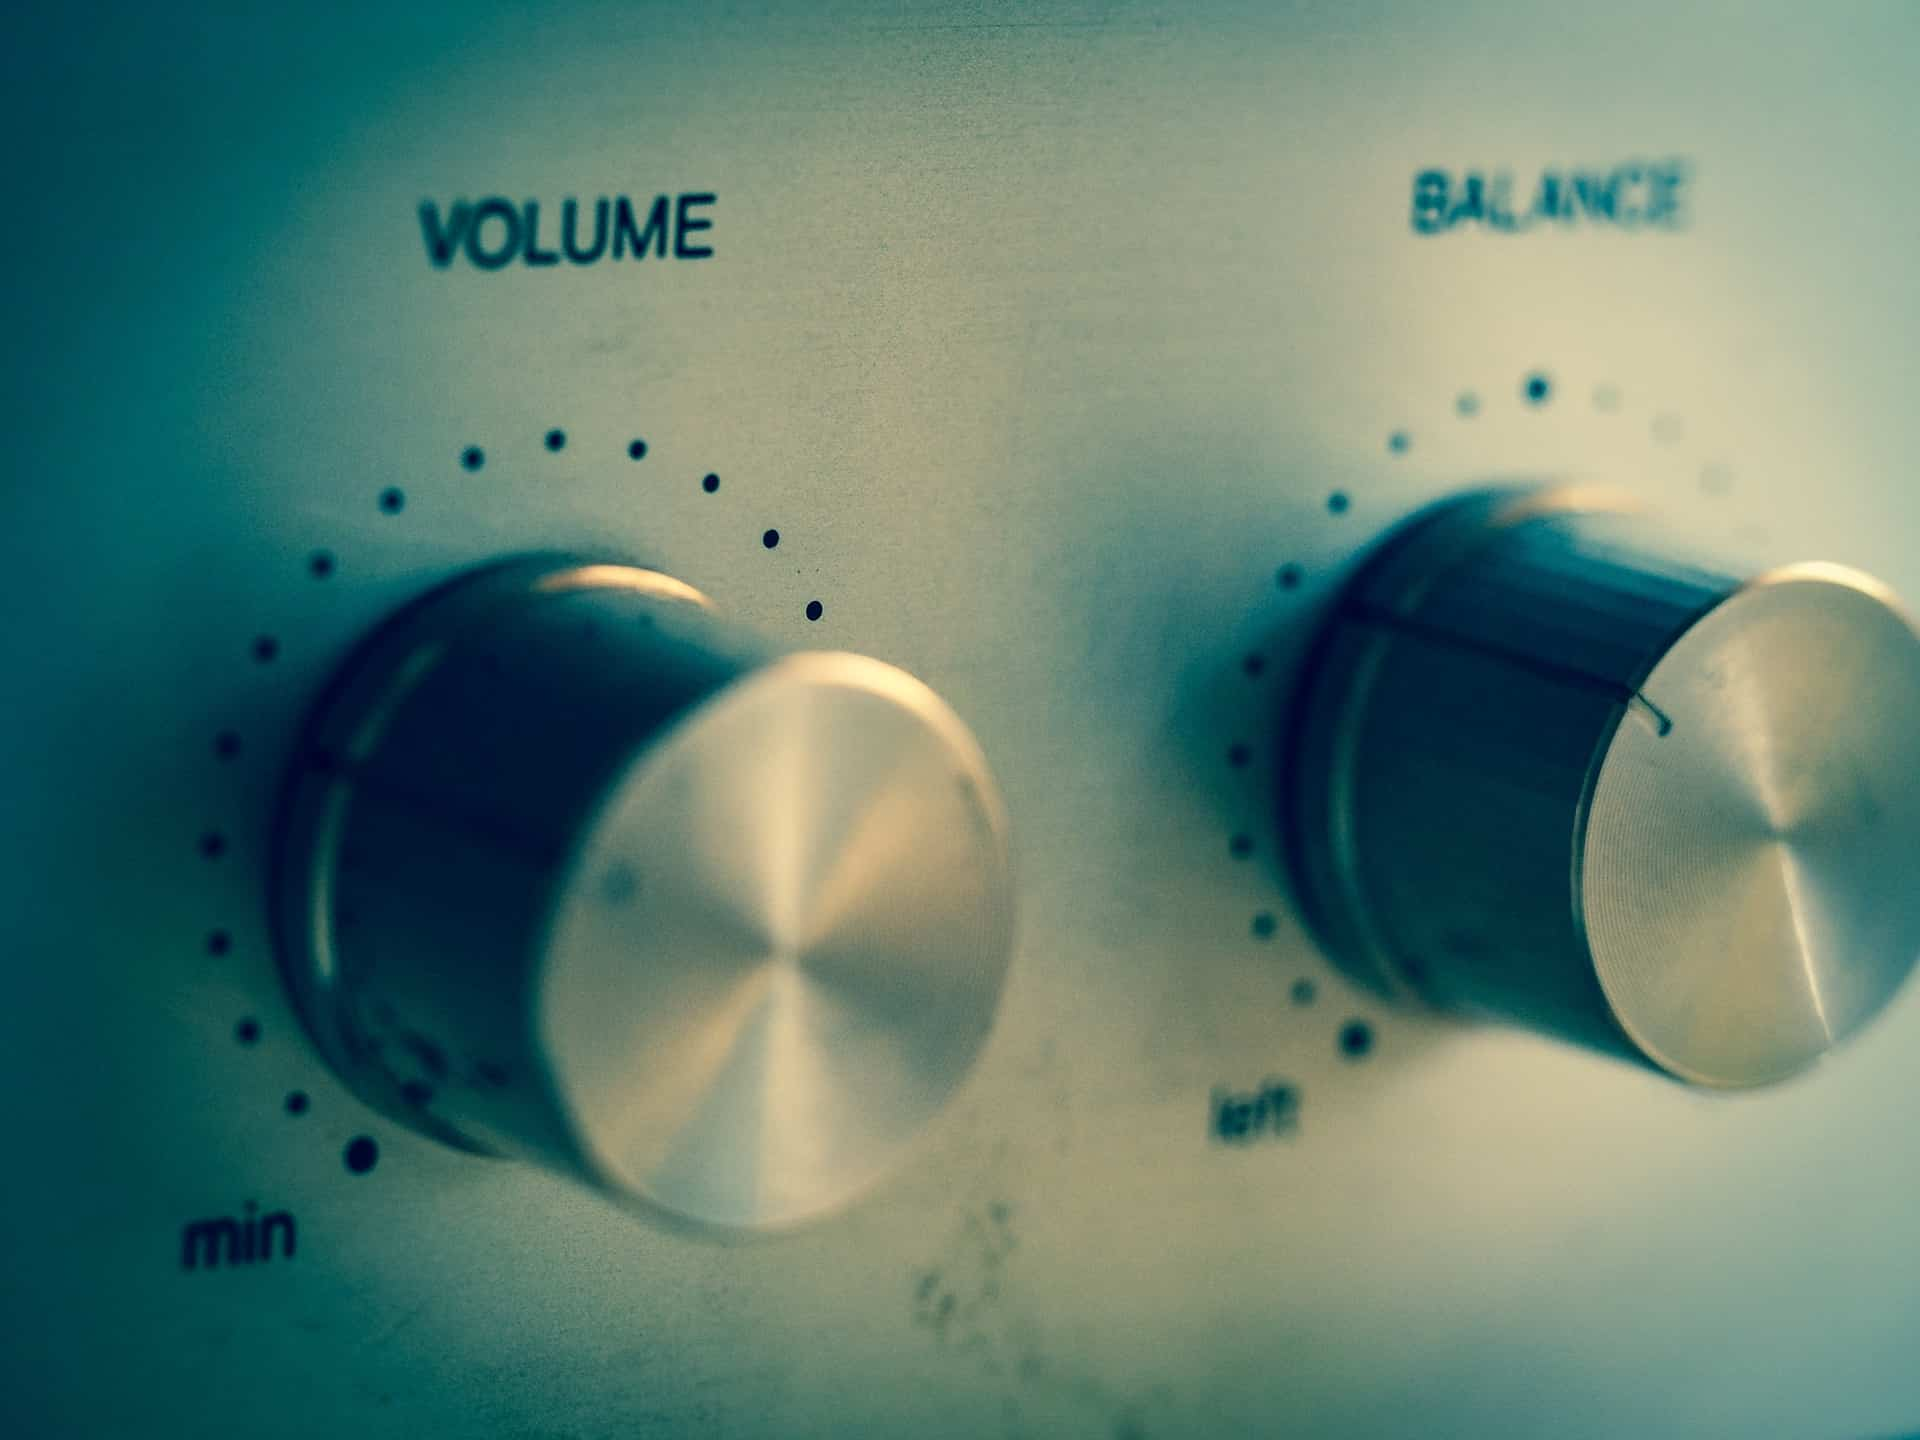 Imagem aproximada de botões reguladores de volume e balanço.